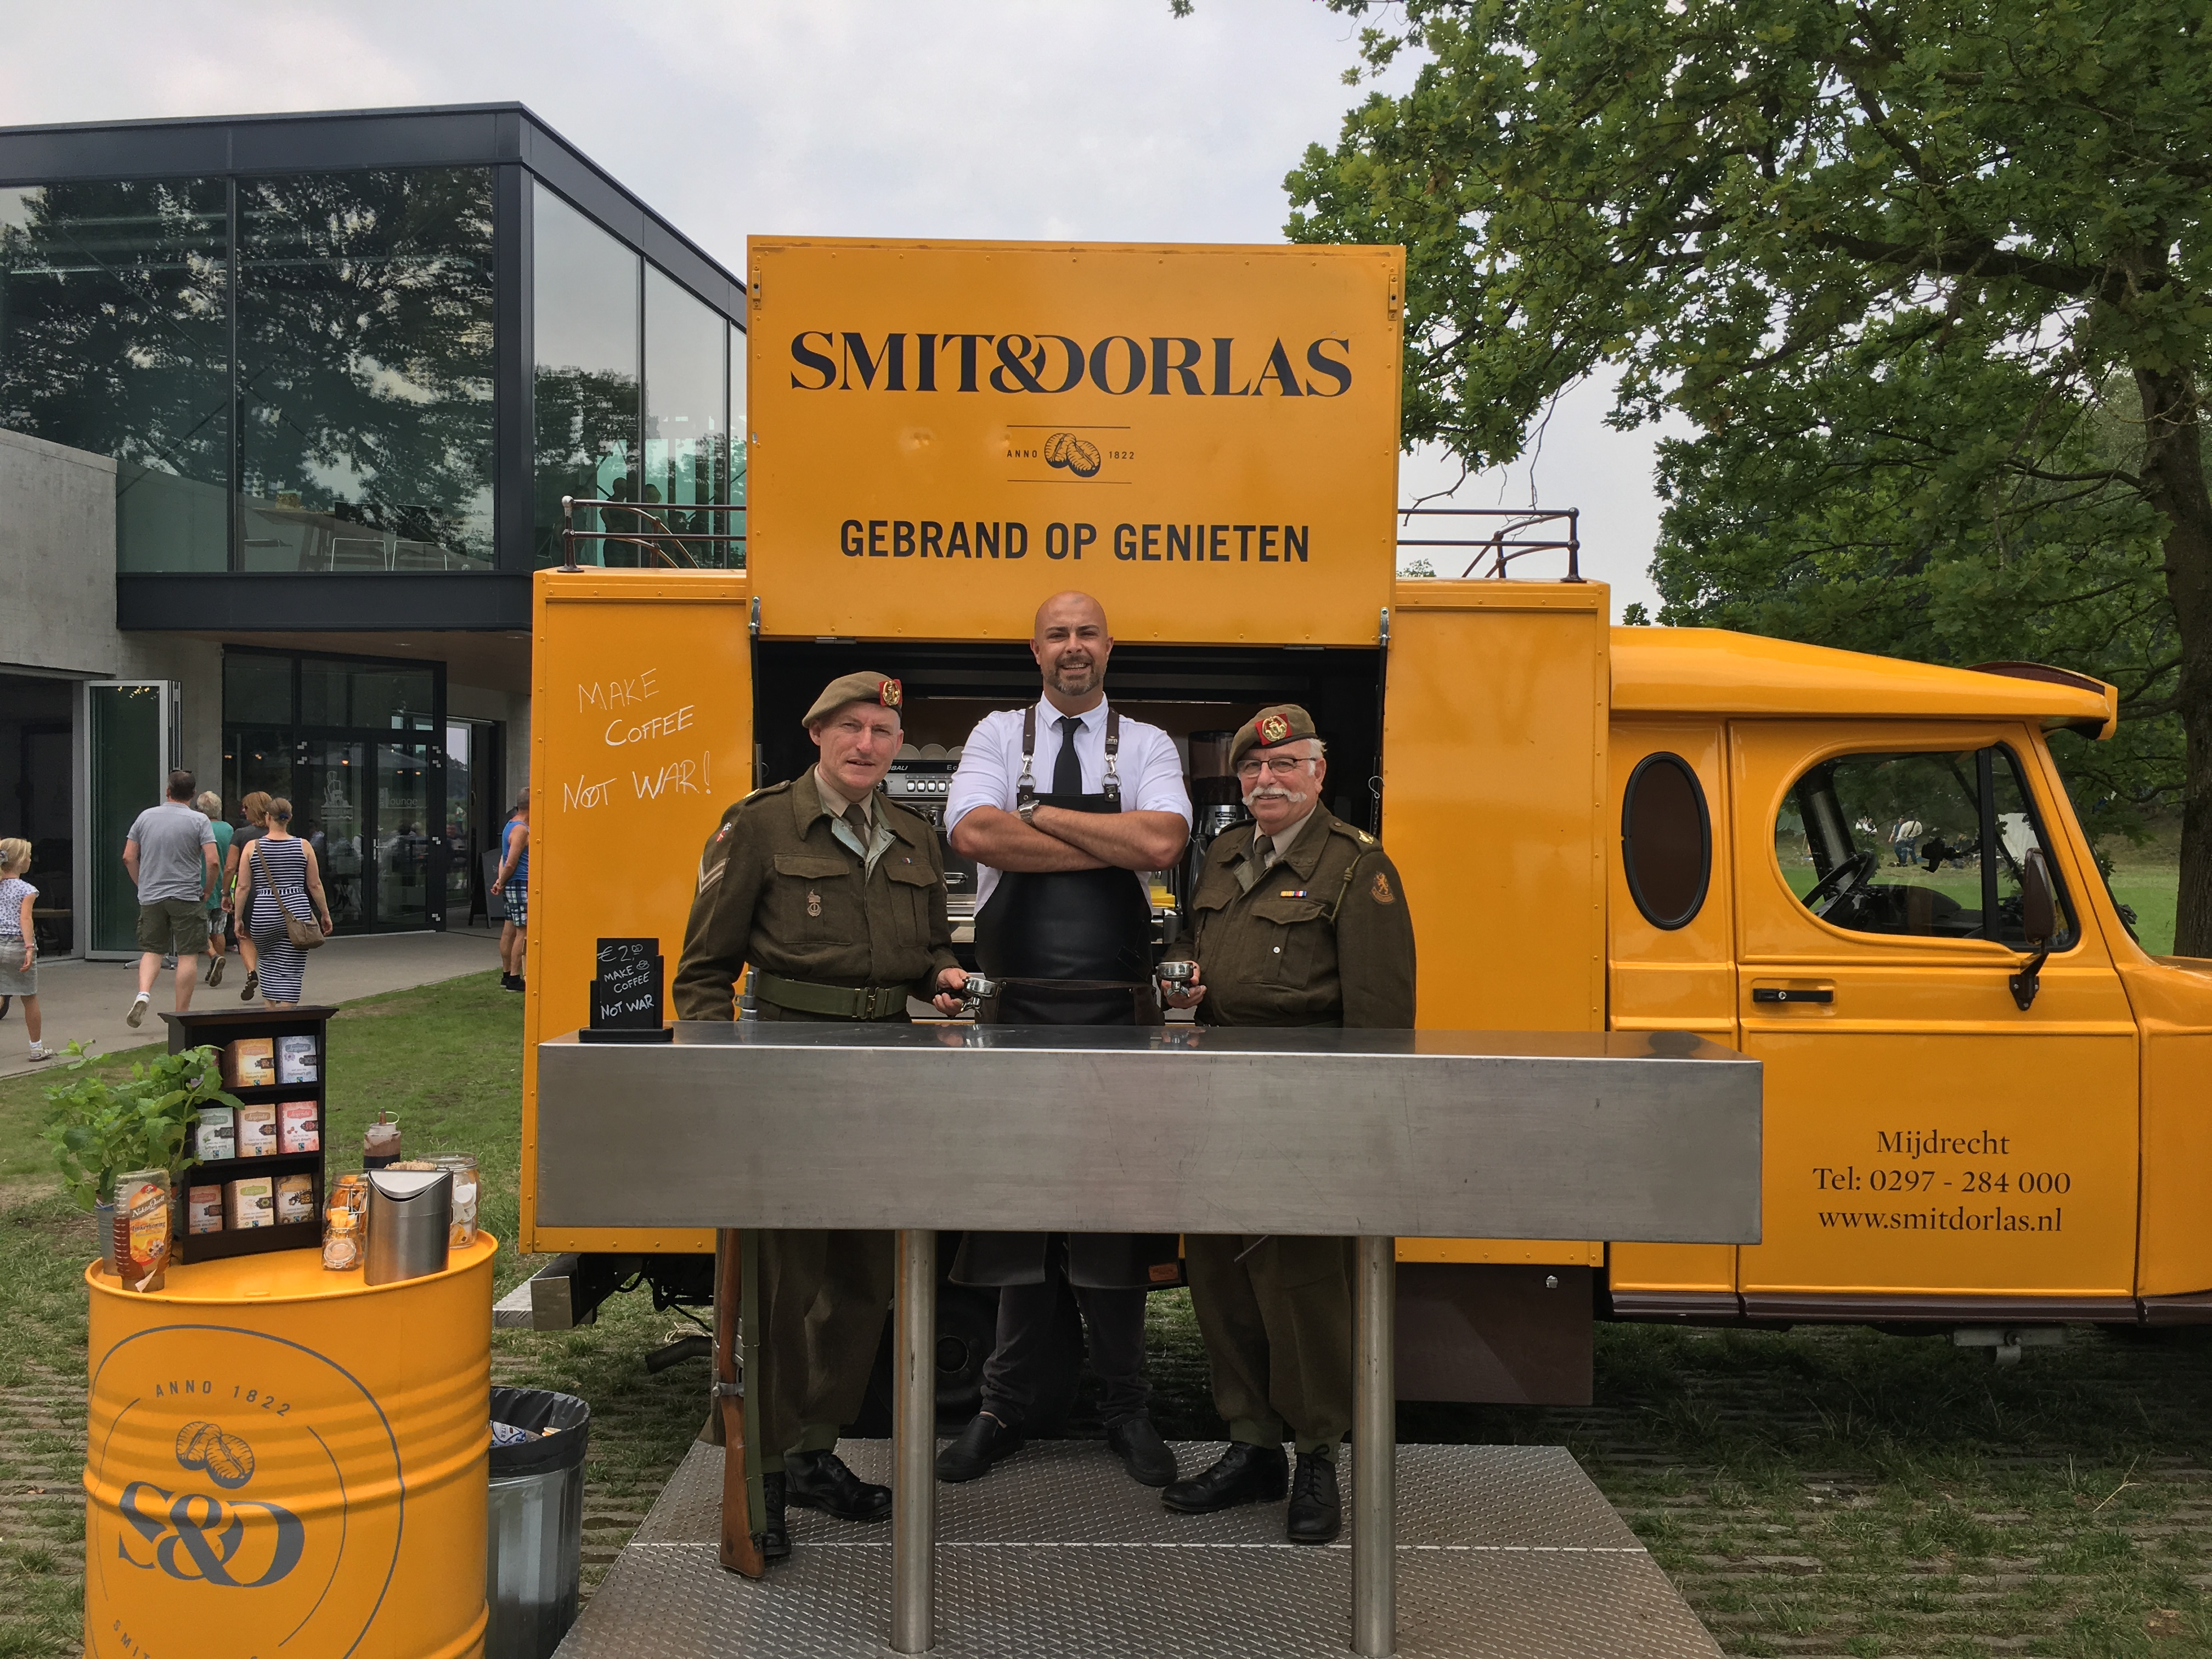 Smit & Dorlas Grebbelounge